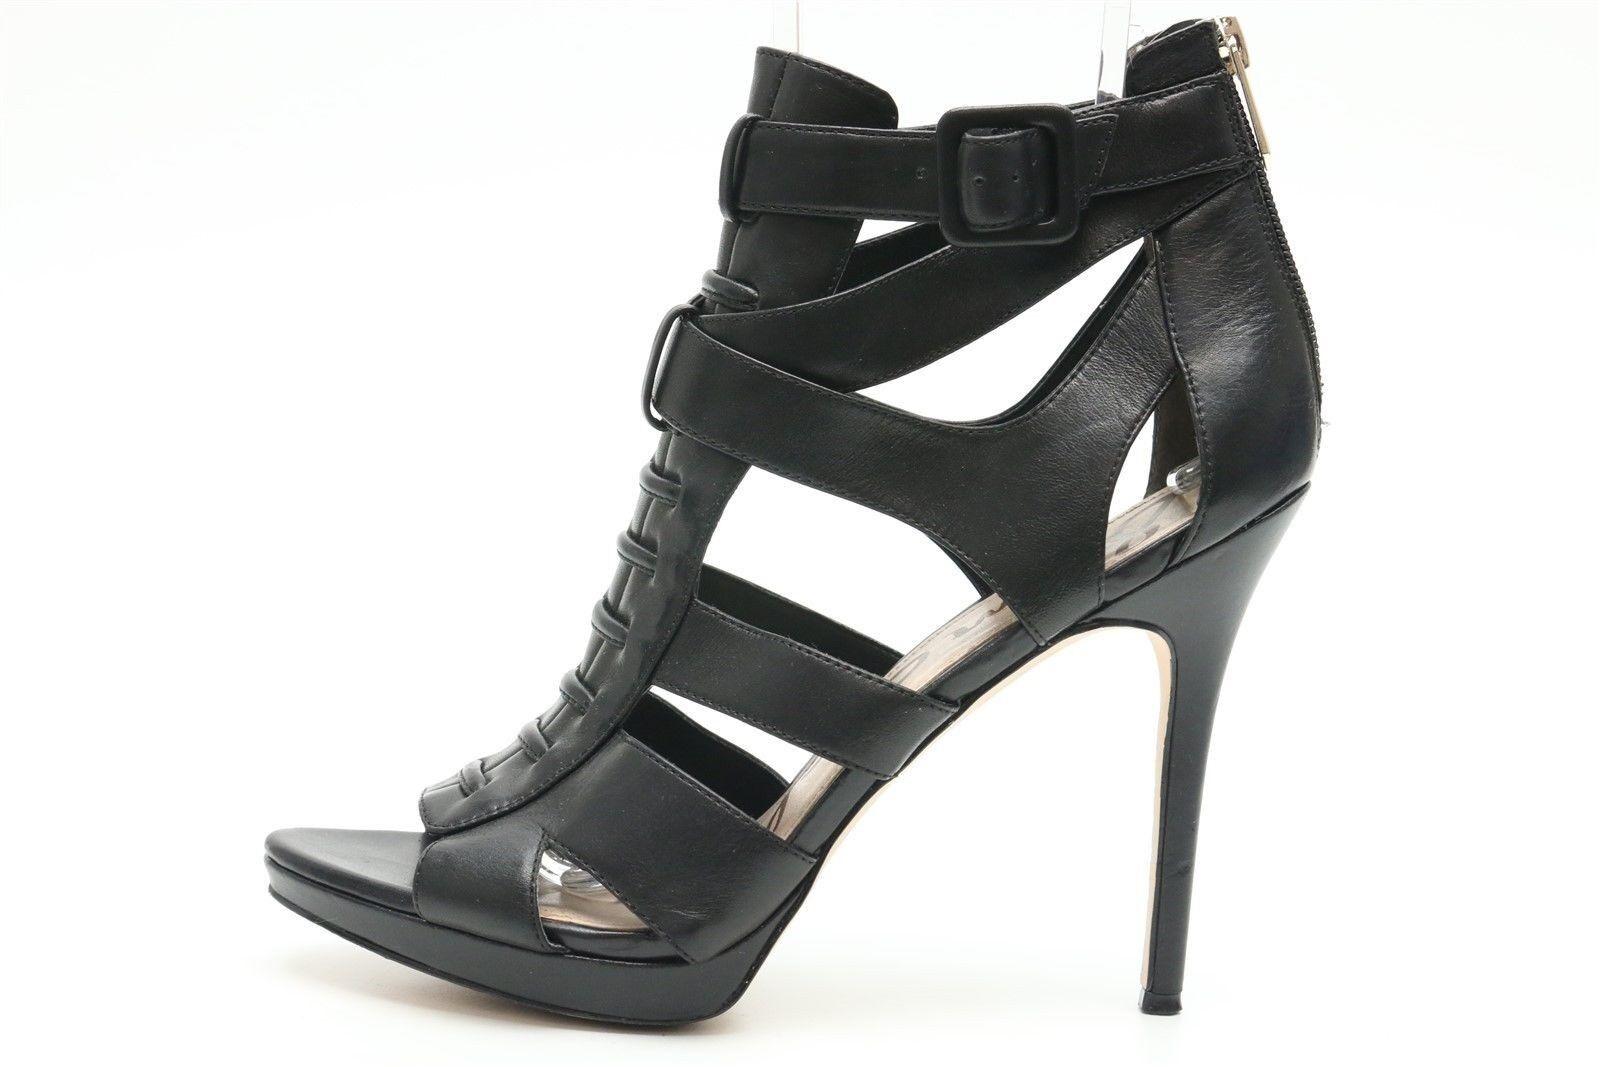 SAM EDELMAN EMLYN 217453 noir leather ankle cuff strappy sandals heels sz 8.5